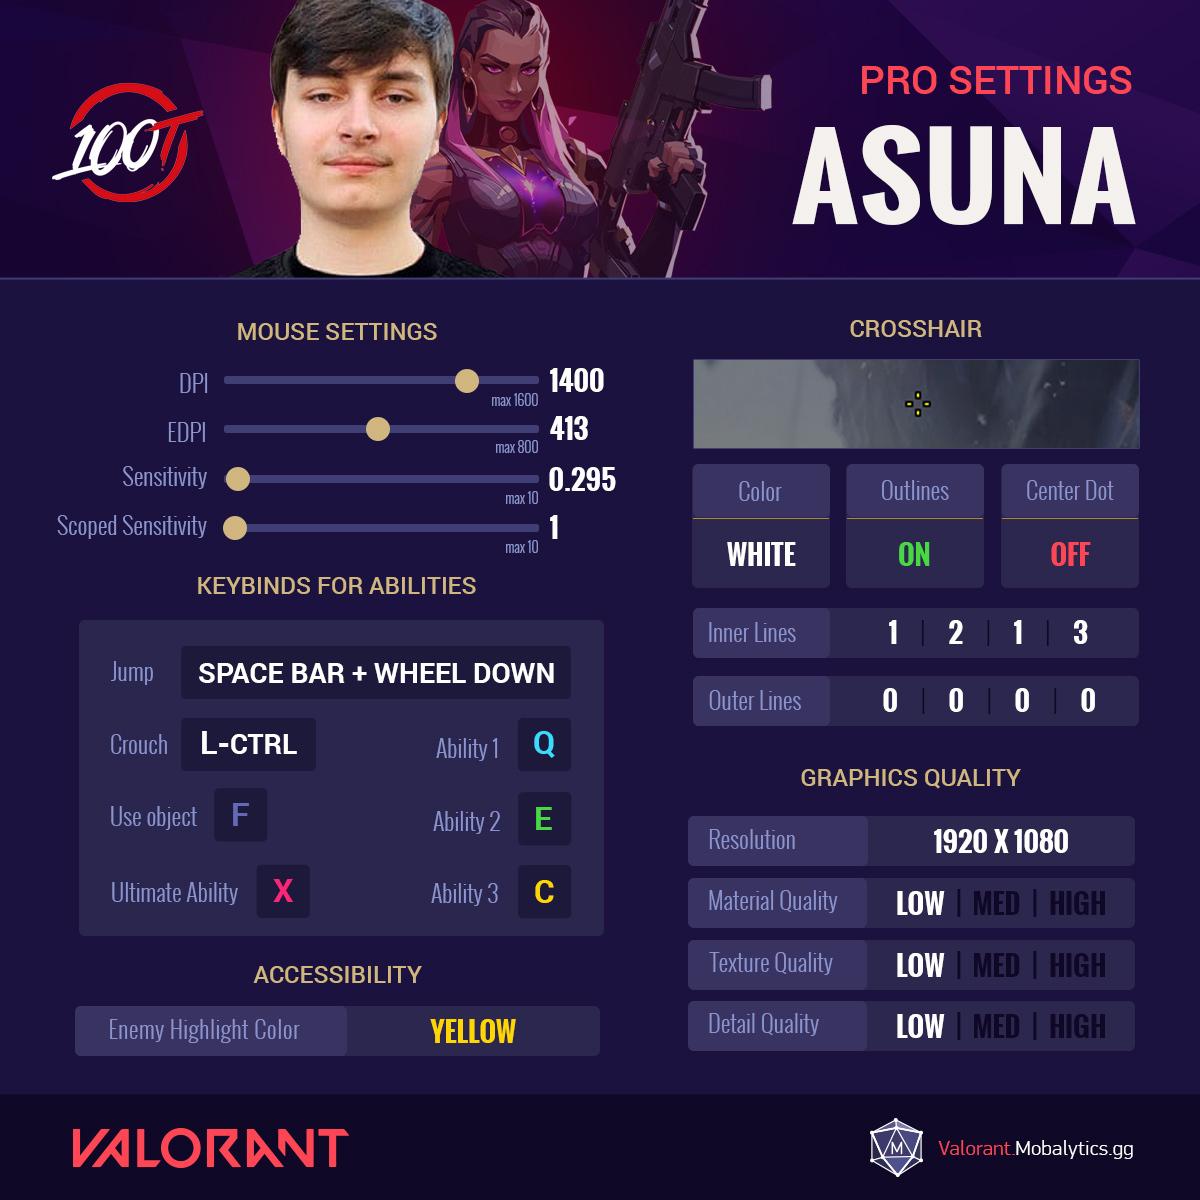 Asuna Valorant Pro Settings